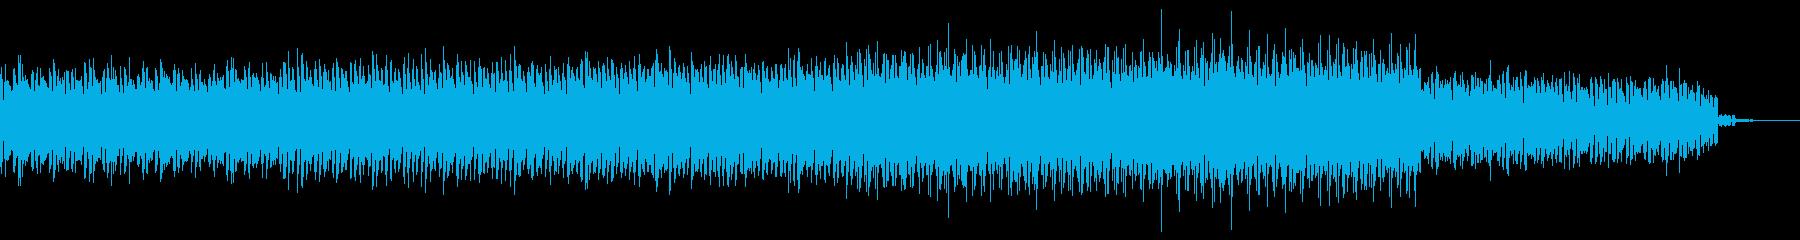 作戦エントリー画面向けテクノアンビエントの再生済みの波形